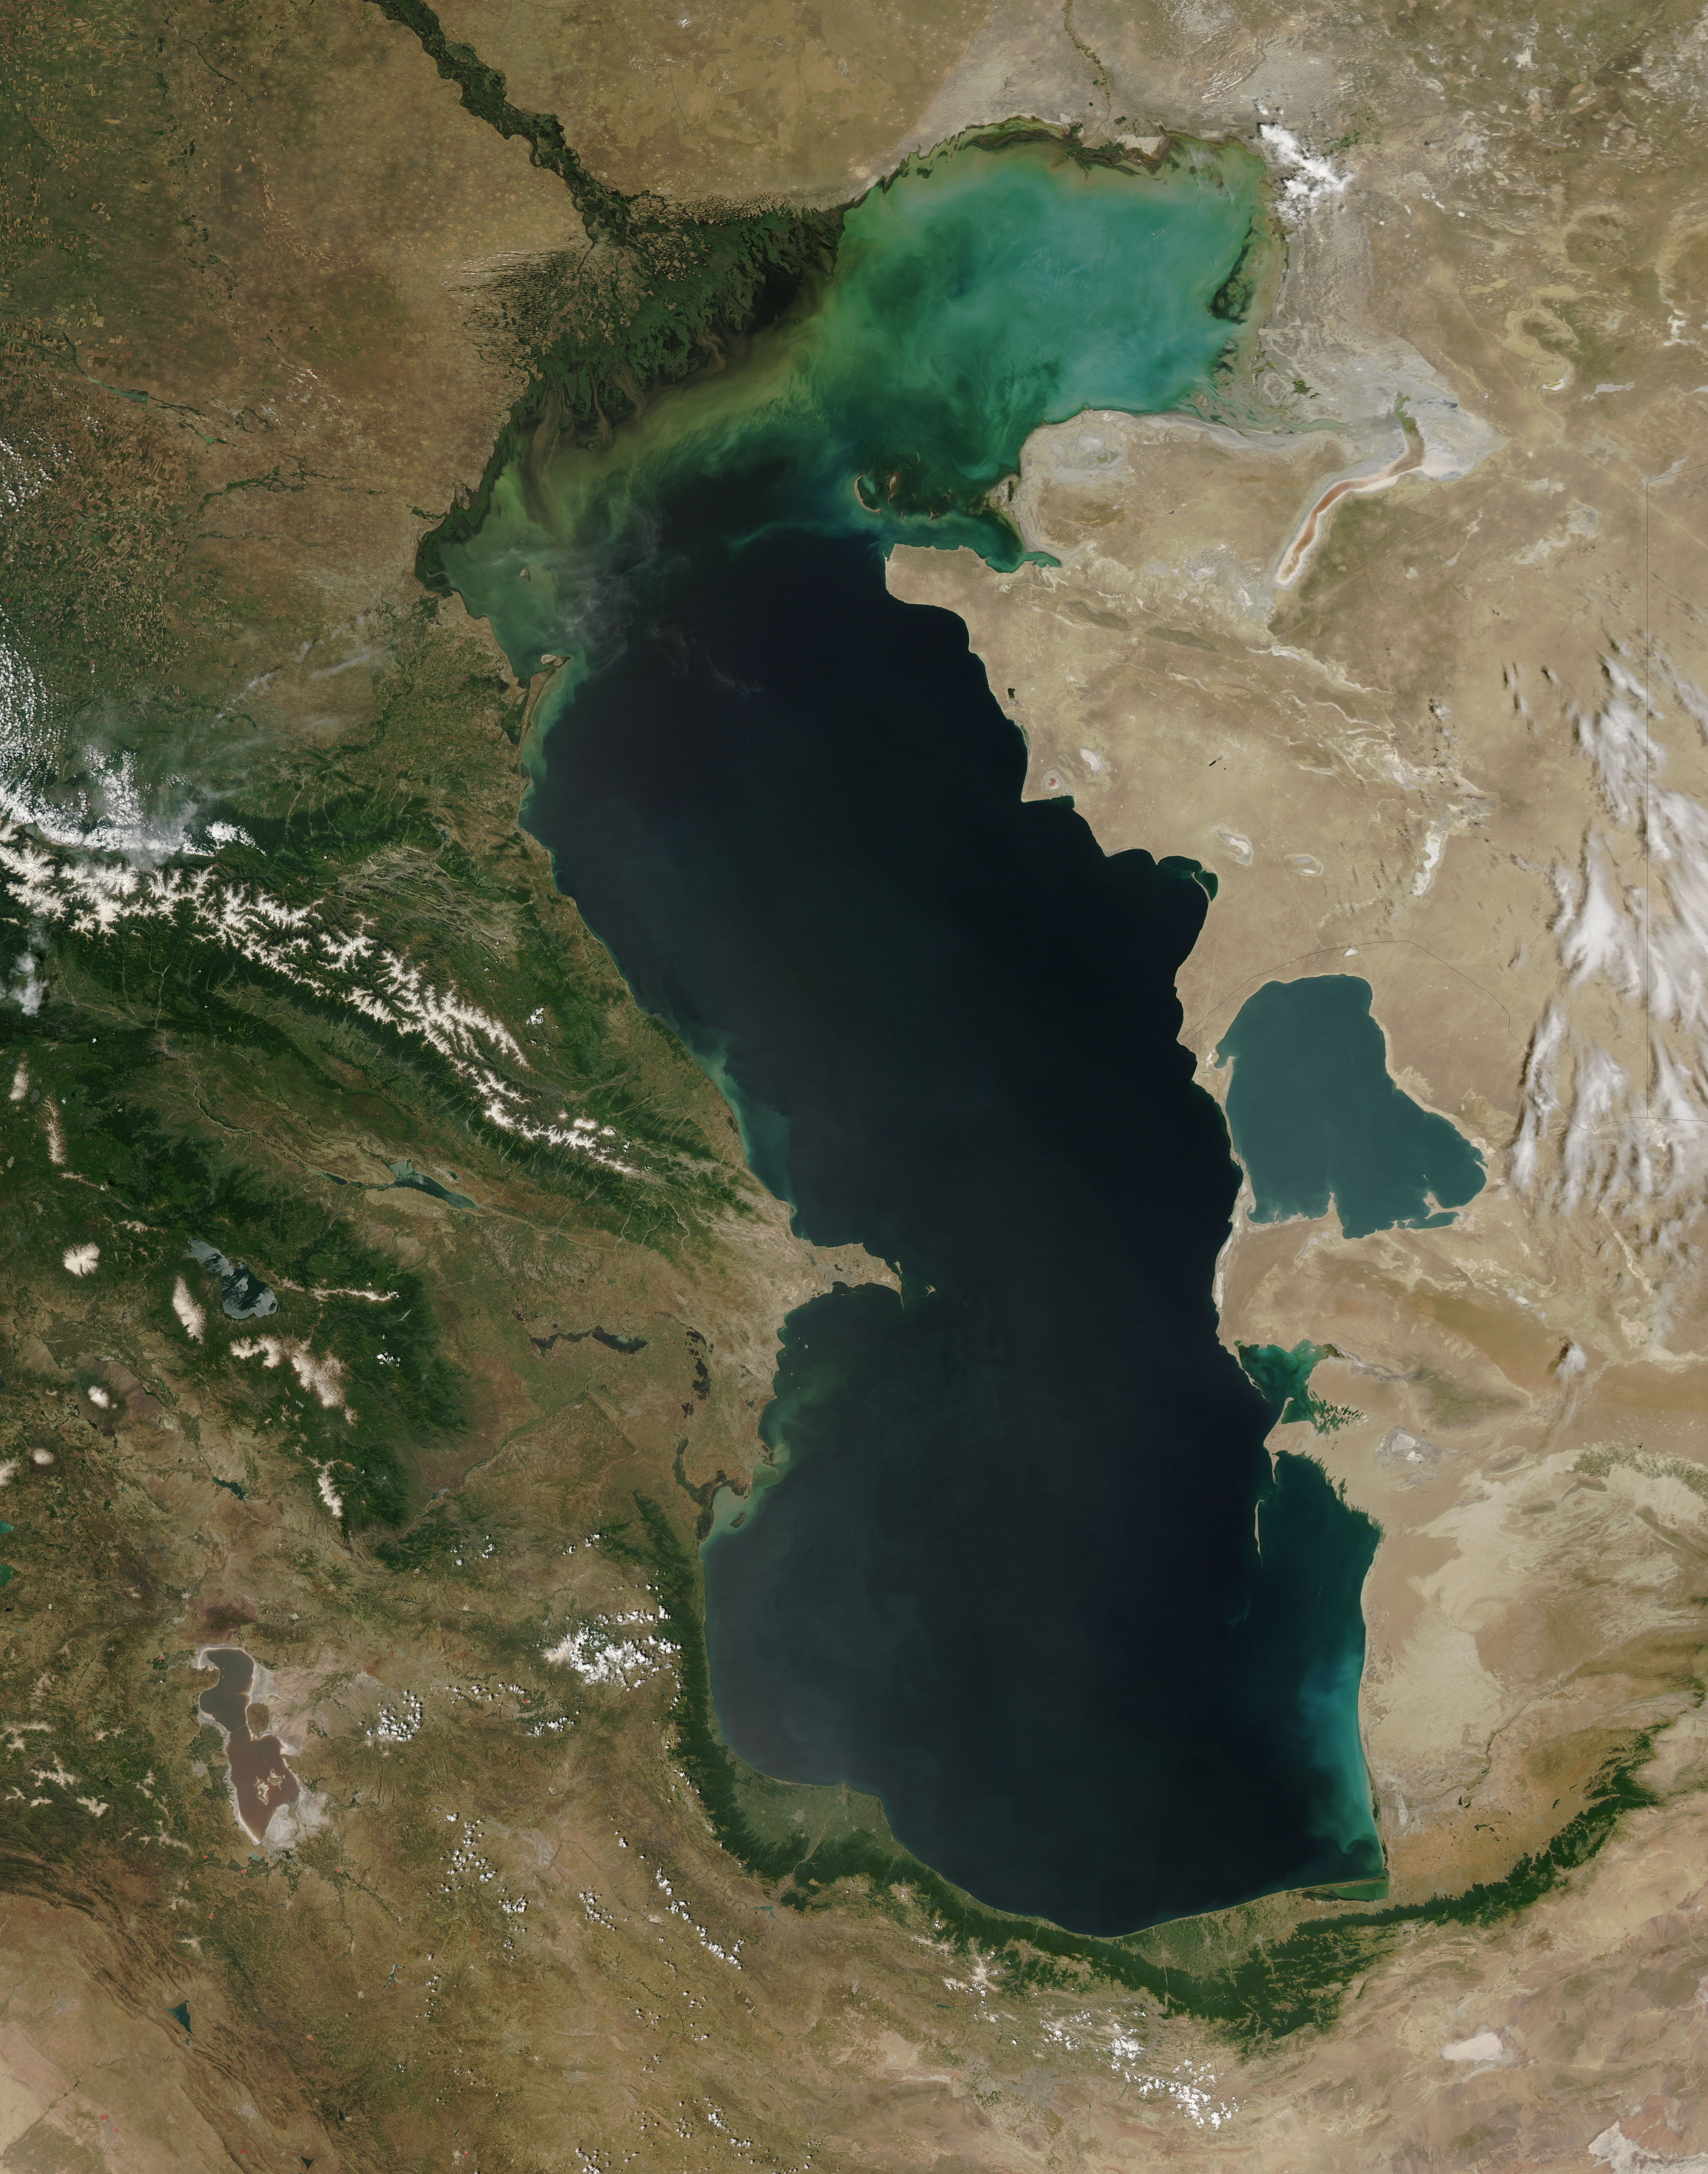 Depiction of Mar Caspio